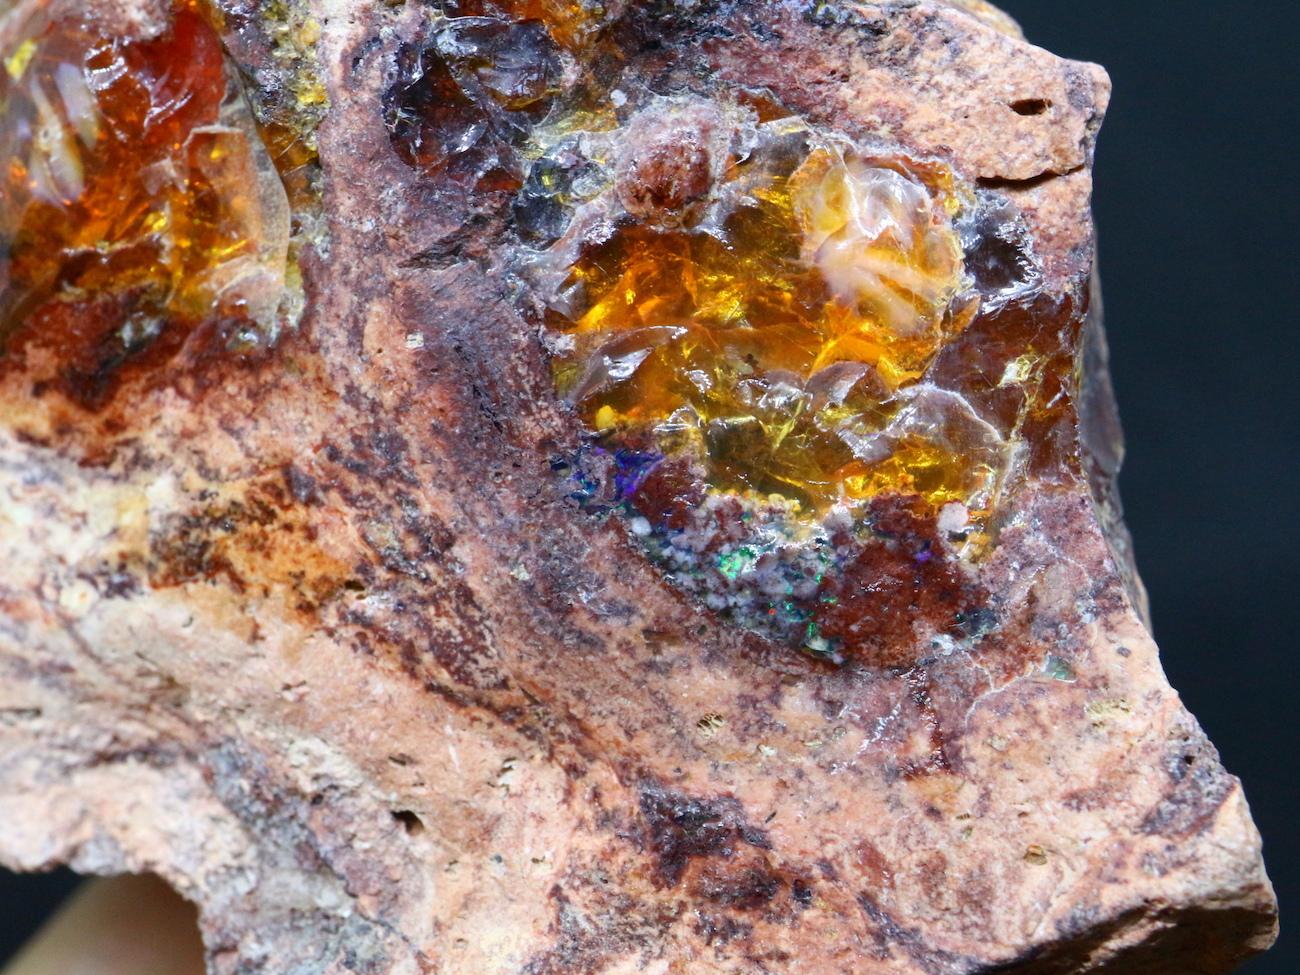 メキシカン ジェリーオパール メキシコ産 123,9g JOP013 蛋白石 鉱物 天然石 原石